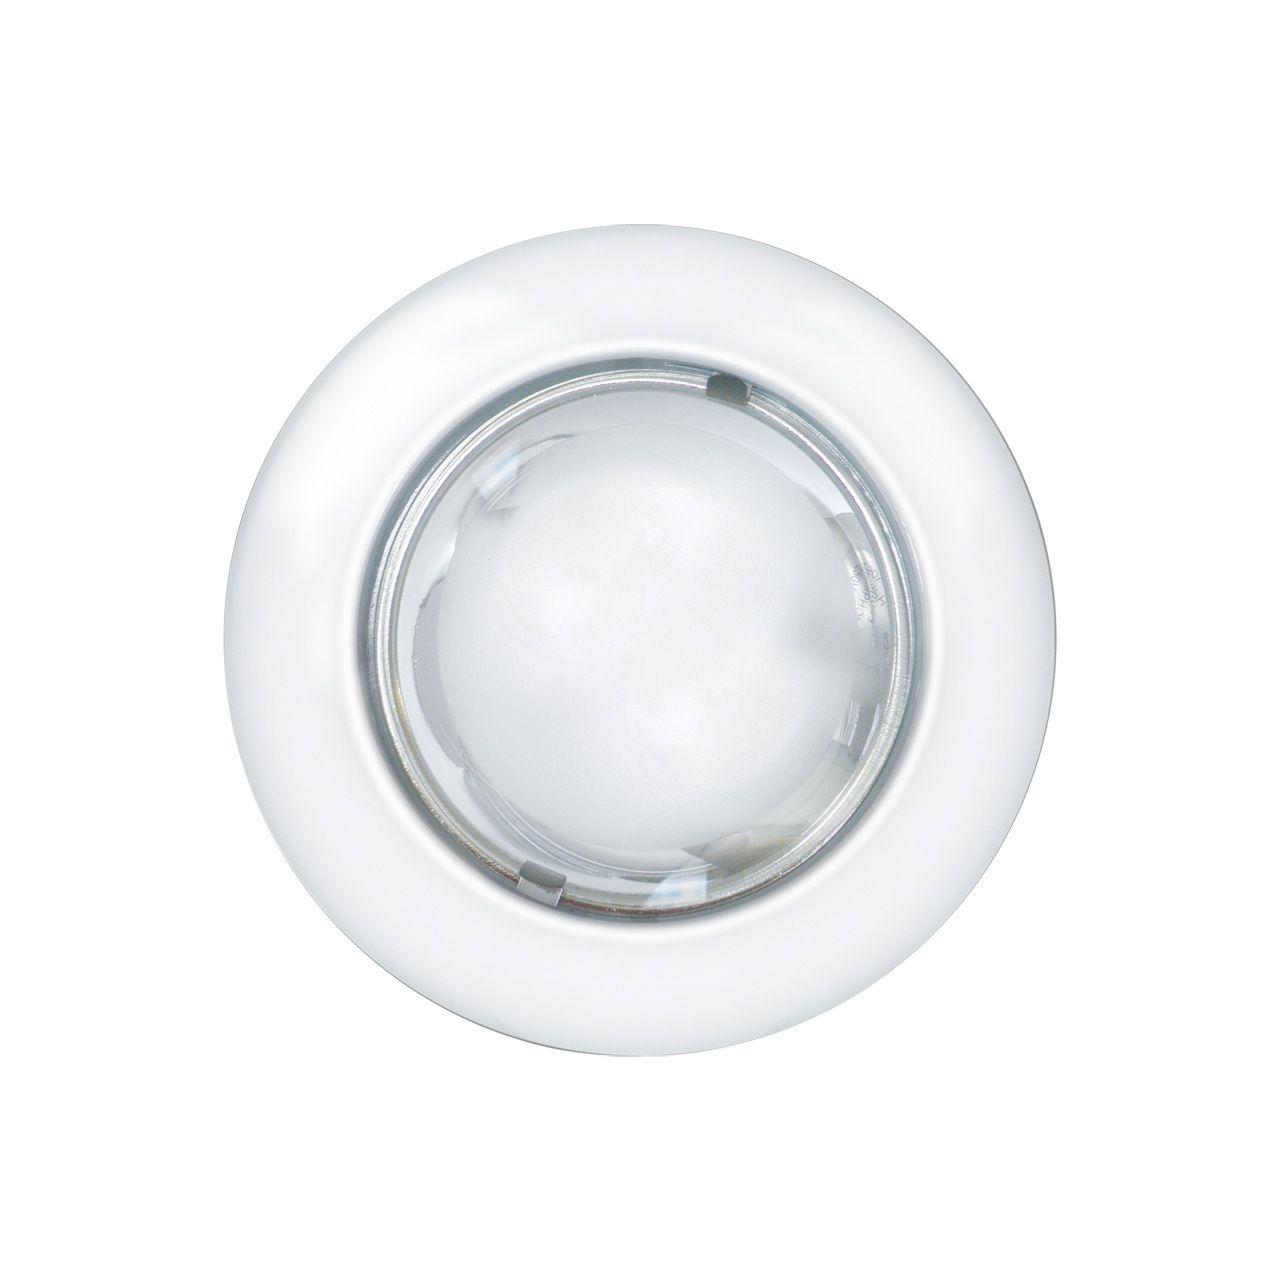 Luminária embutir redonda Ø160mm tampa com vidro semi fosco